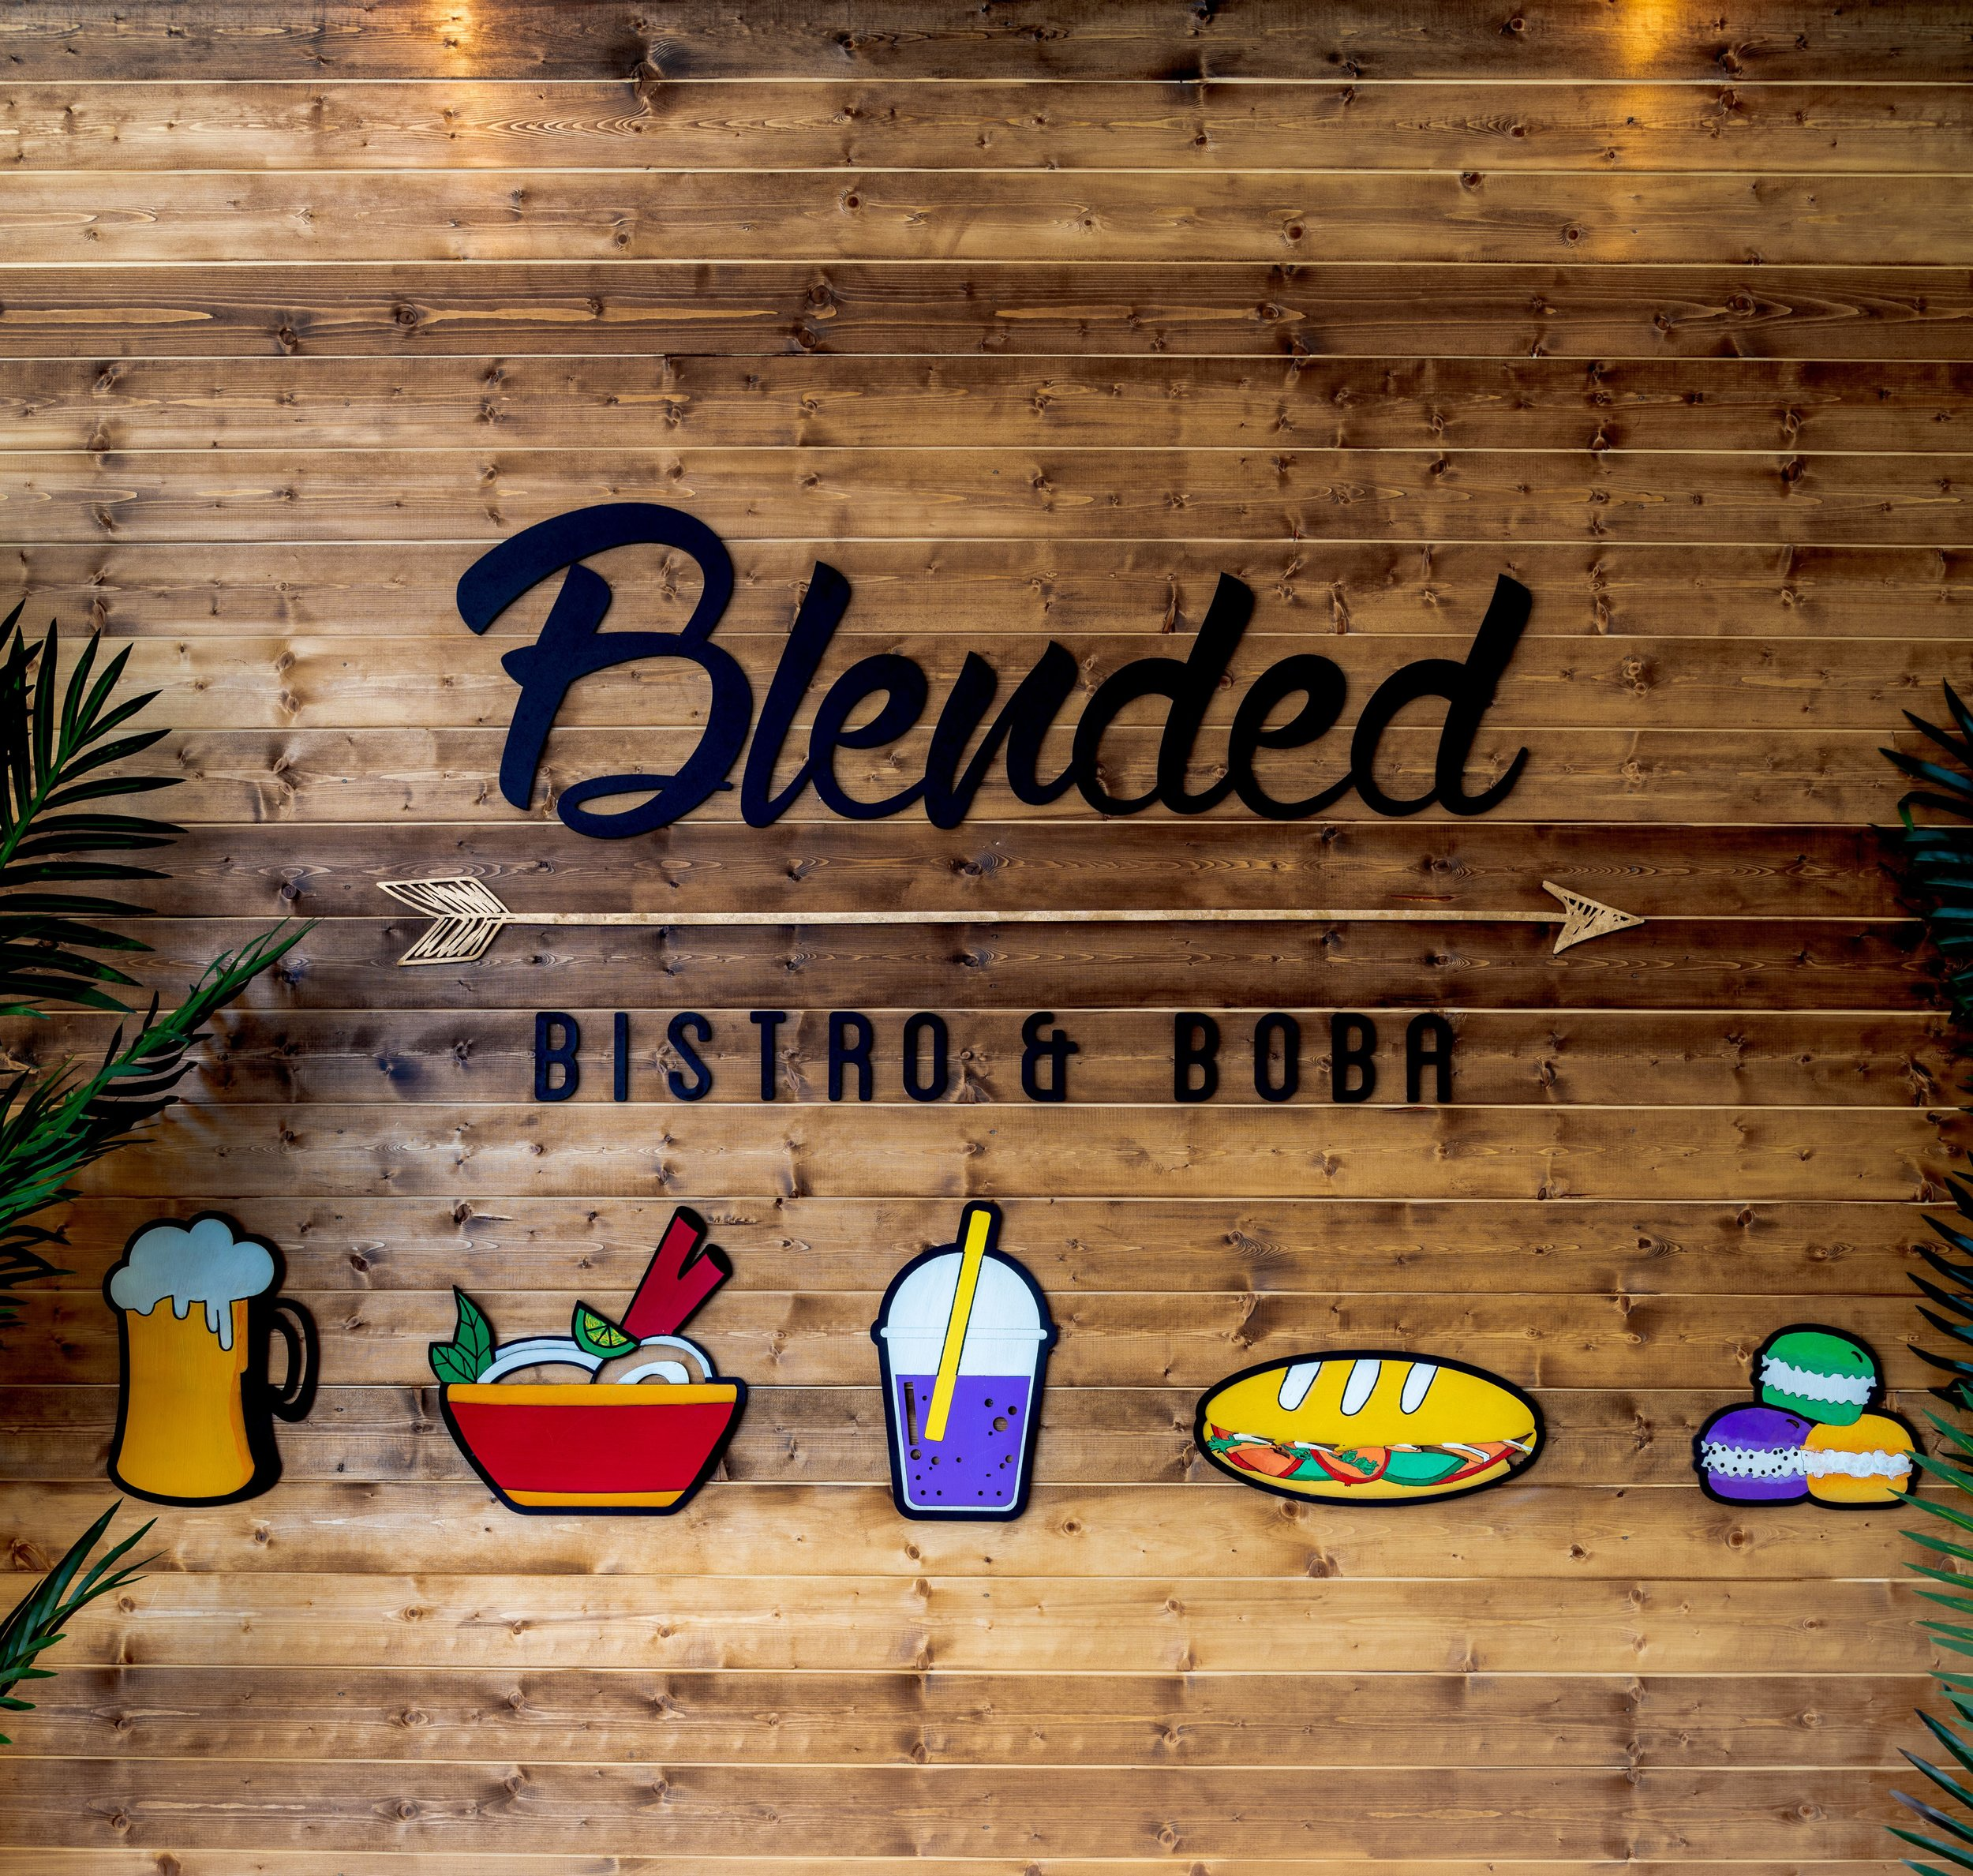 blended-2 - Copy.jpg